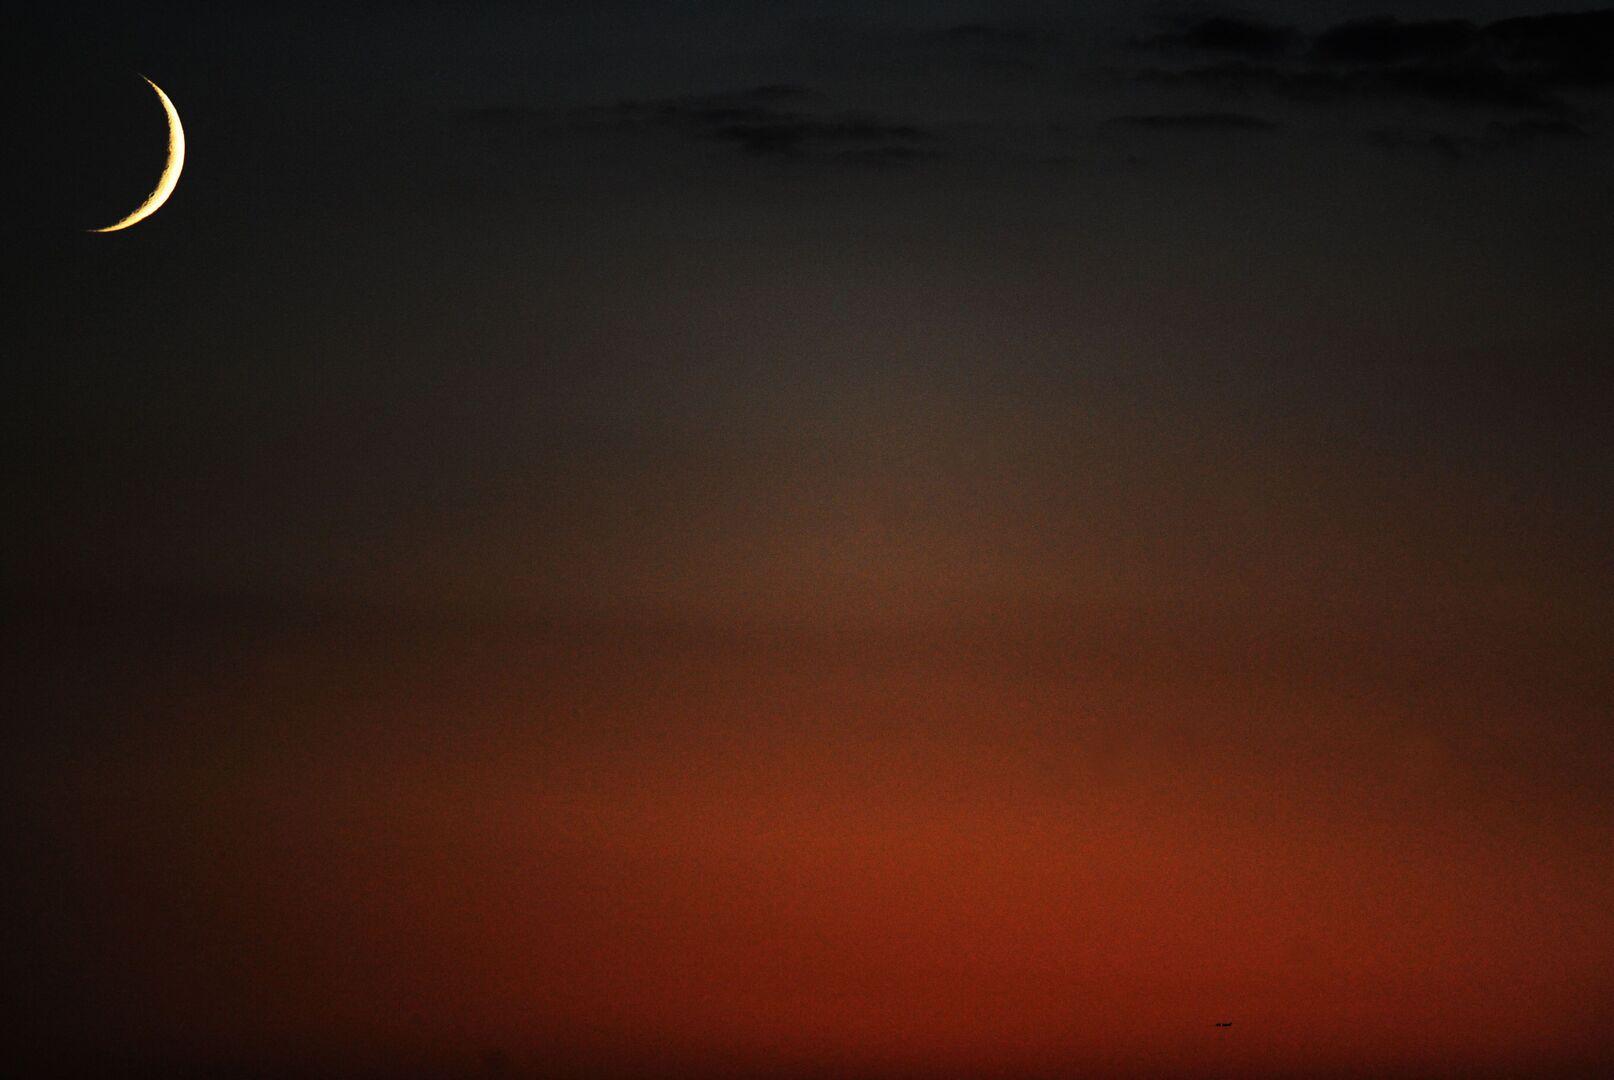 عيد الفطر وطرق رصد هلال شوال